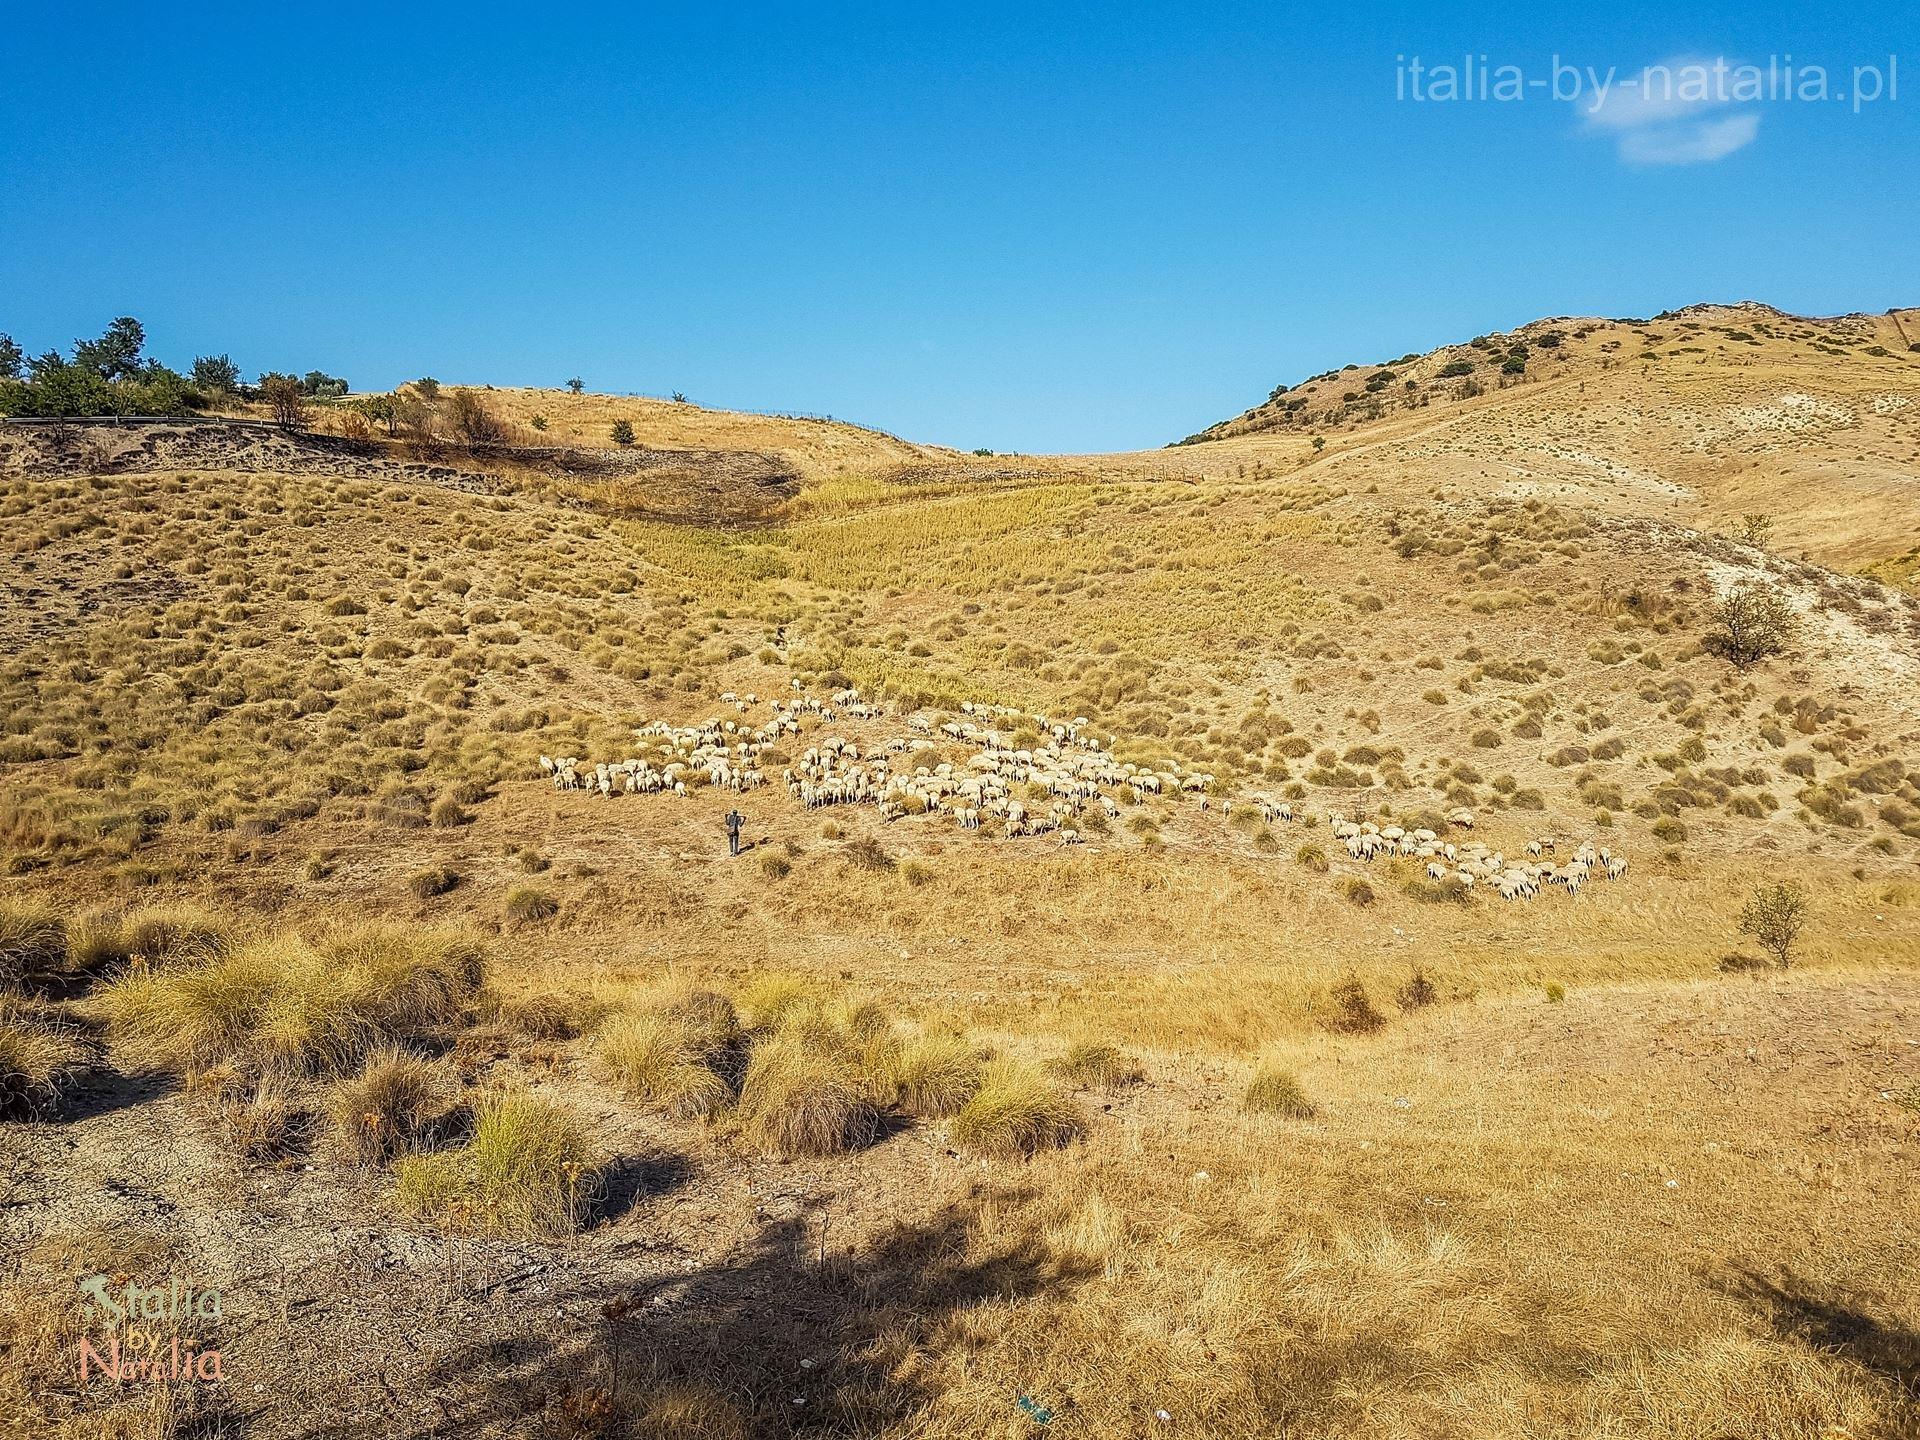 Bazylikata wieś wrzesień pasterz owce pastwisko kiedy jechać do apulii i bazylikaty